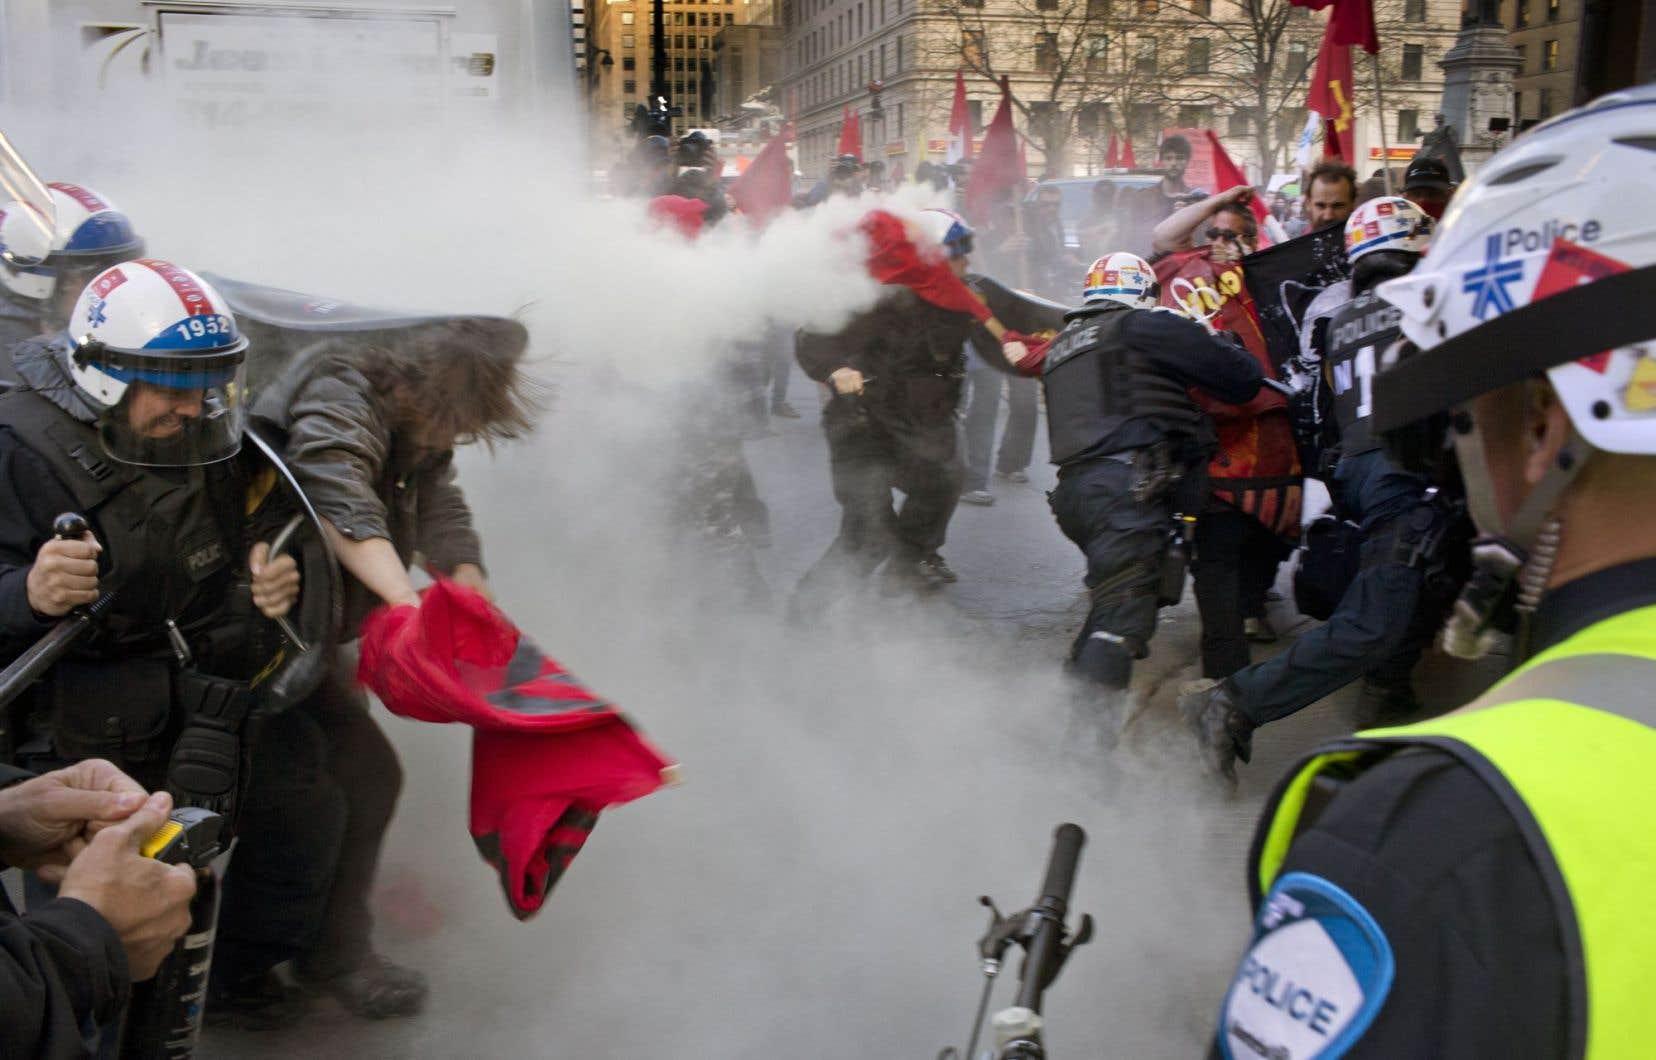 La brèche dans les droits fondamentaux a été ouverte. Et le SPVM ne se gêne pas pour entrer dedans à coups de matraque et de gaz lacrymogène, constate Frédéric Bérard.